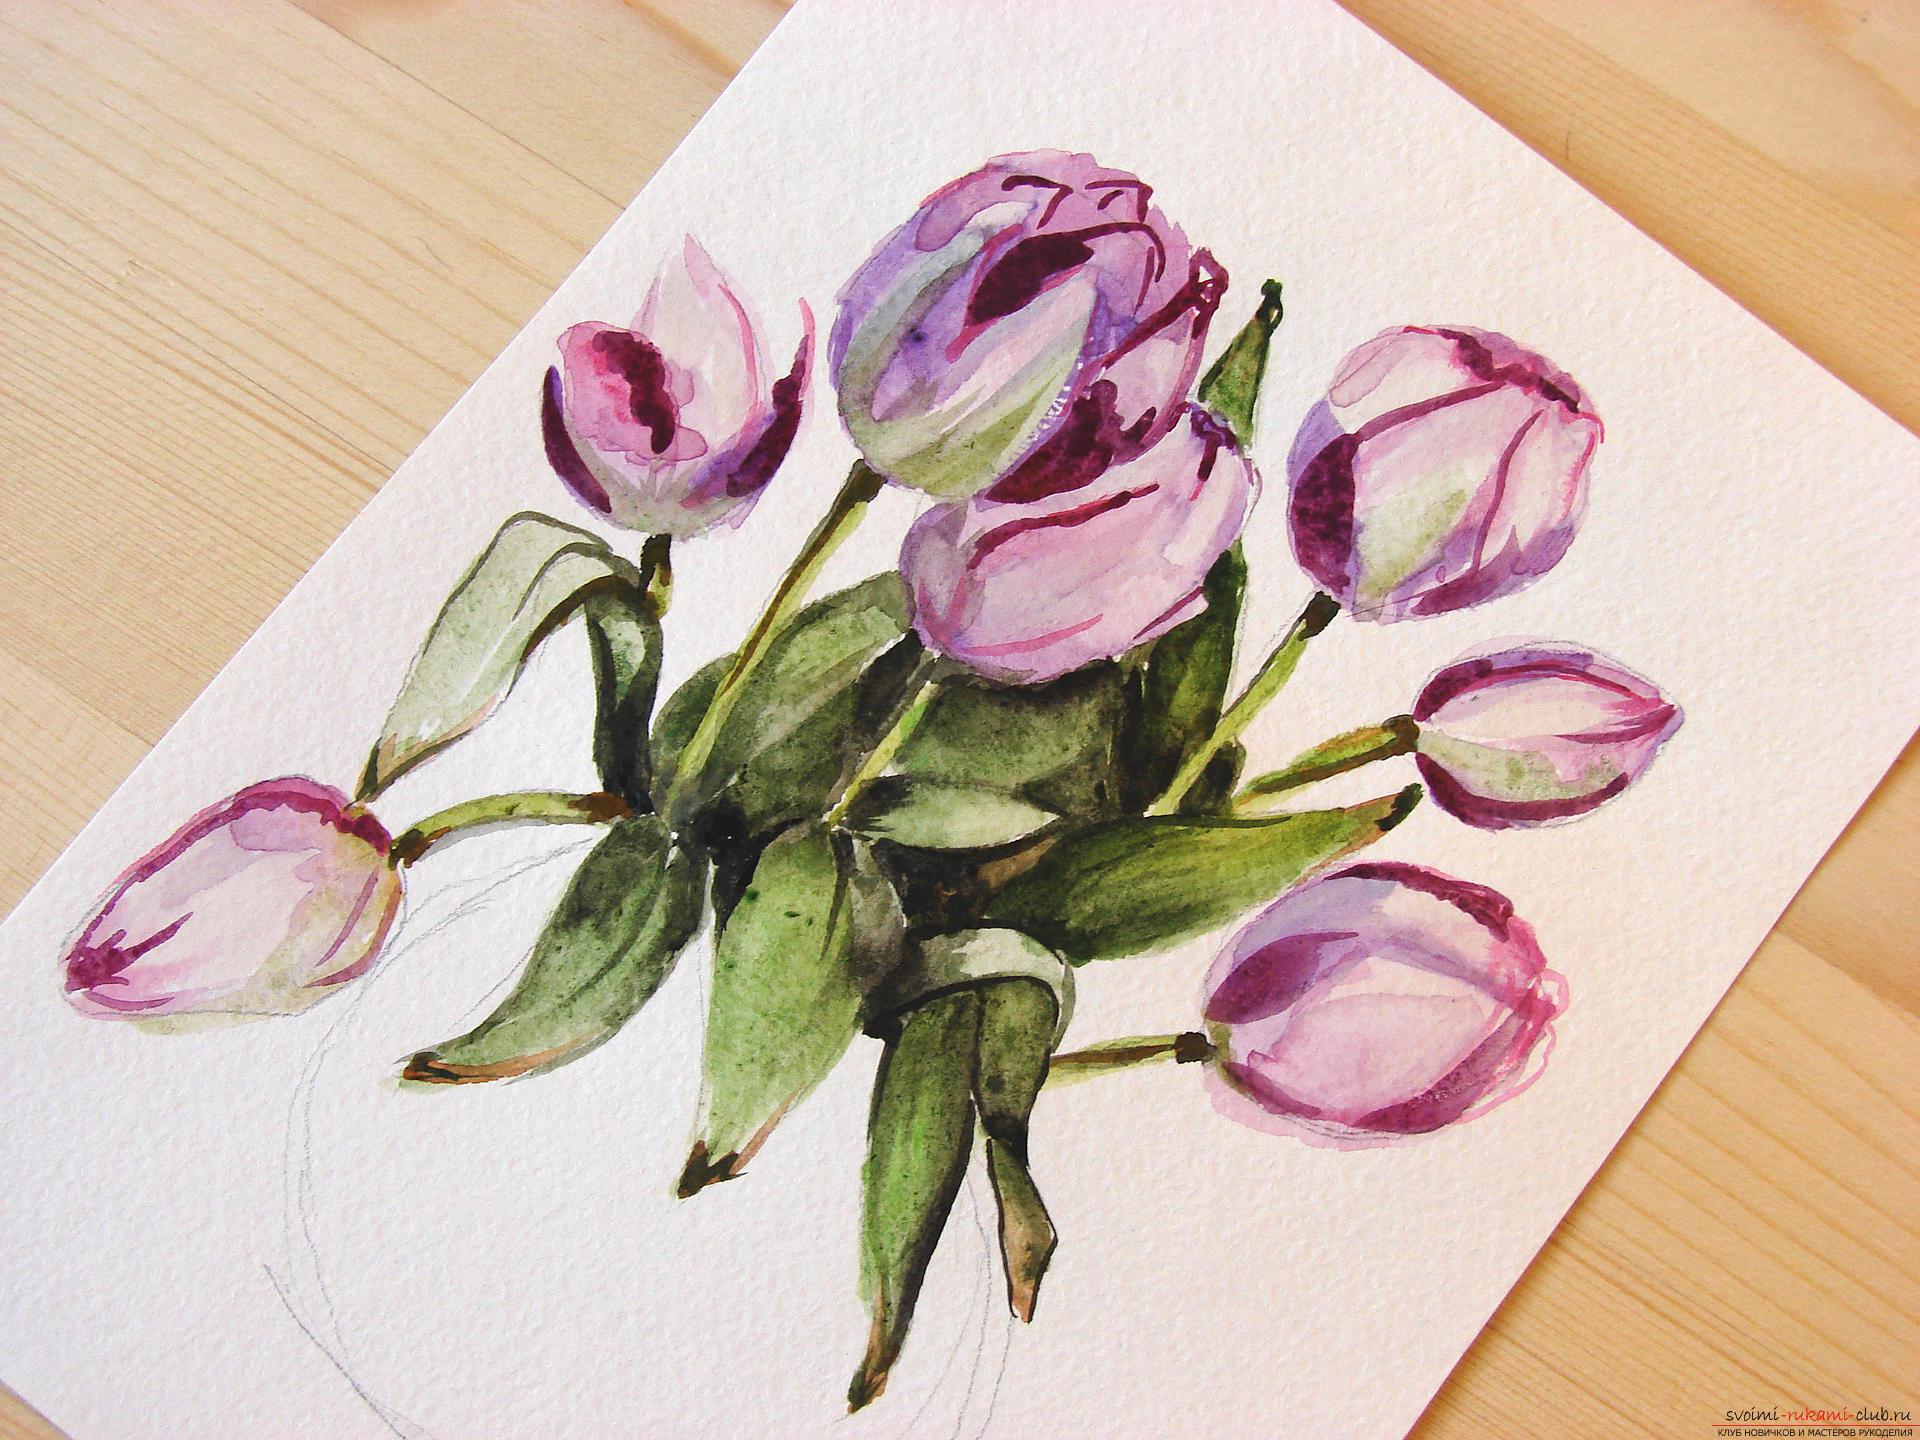 Мастер-класс по рисованию с фото научит как нарисовать цветы, подробно описав как рисуются тюльпаны поэтапно.. Фото №19